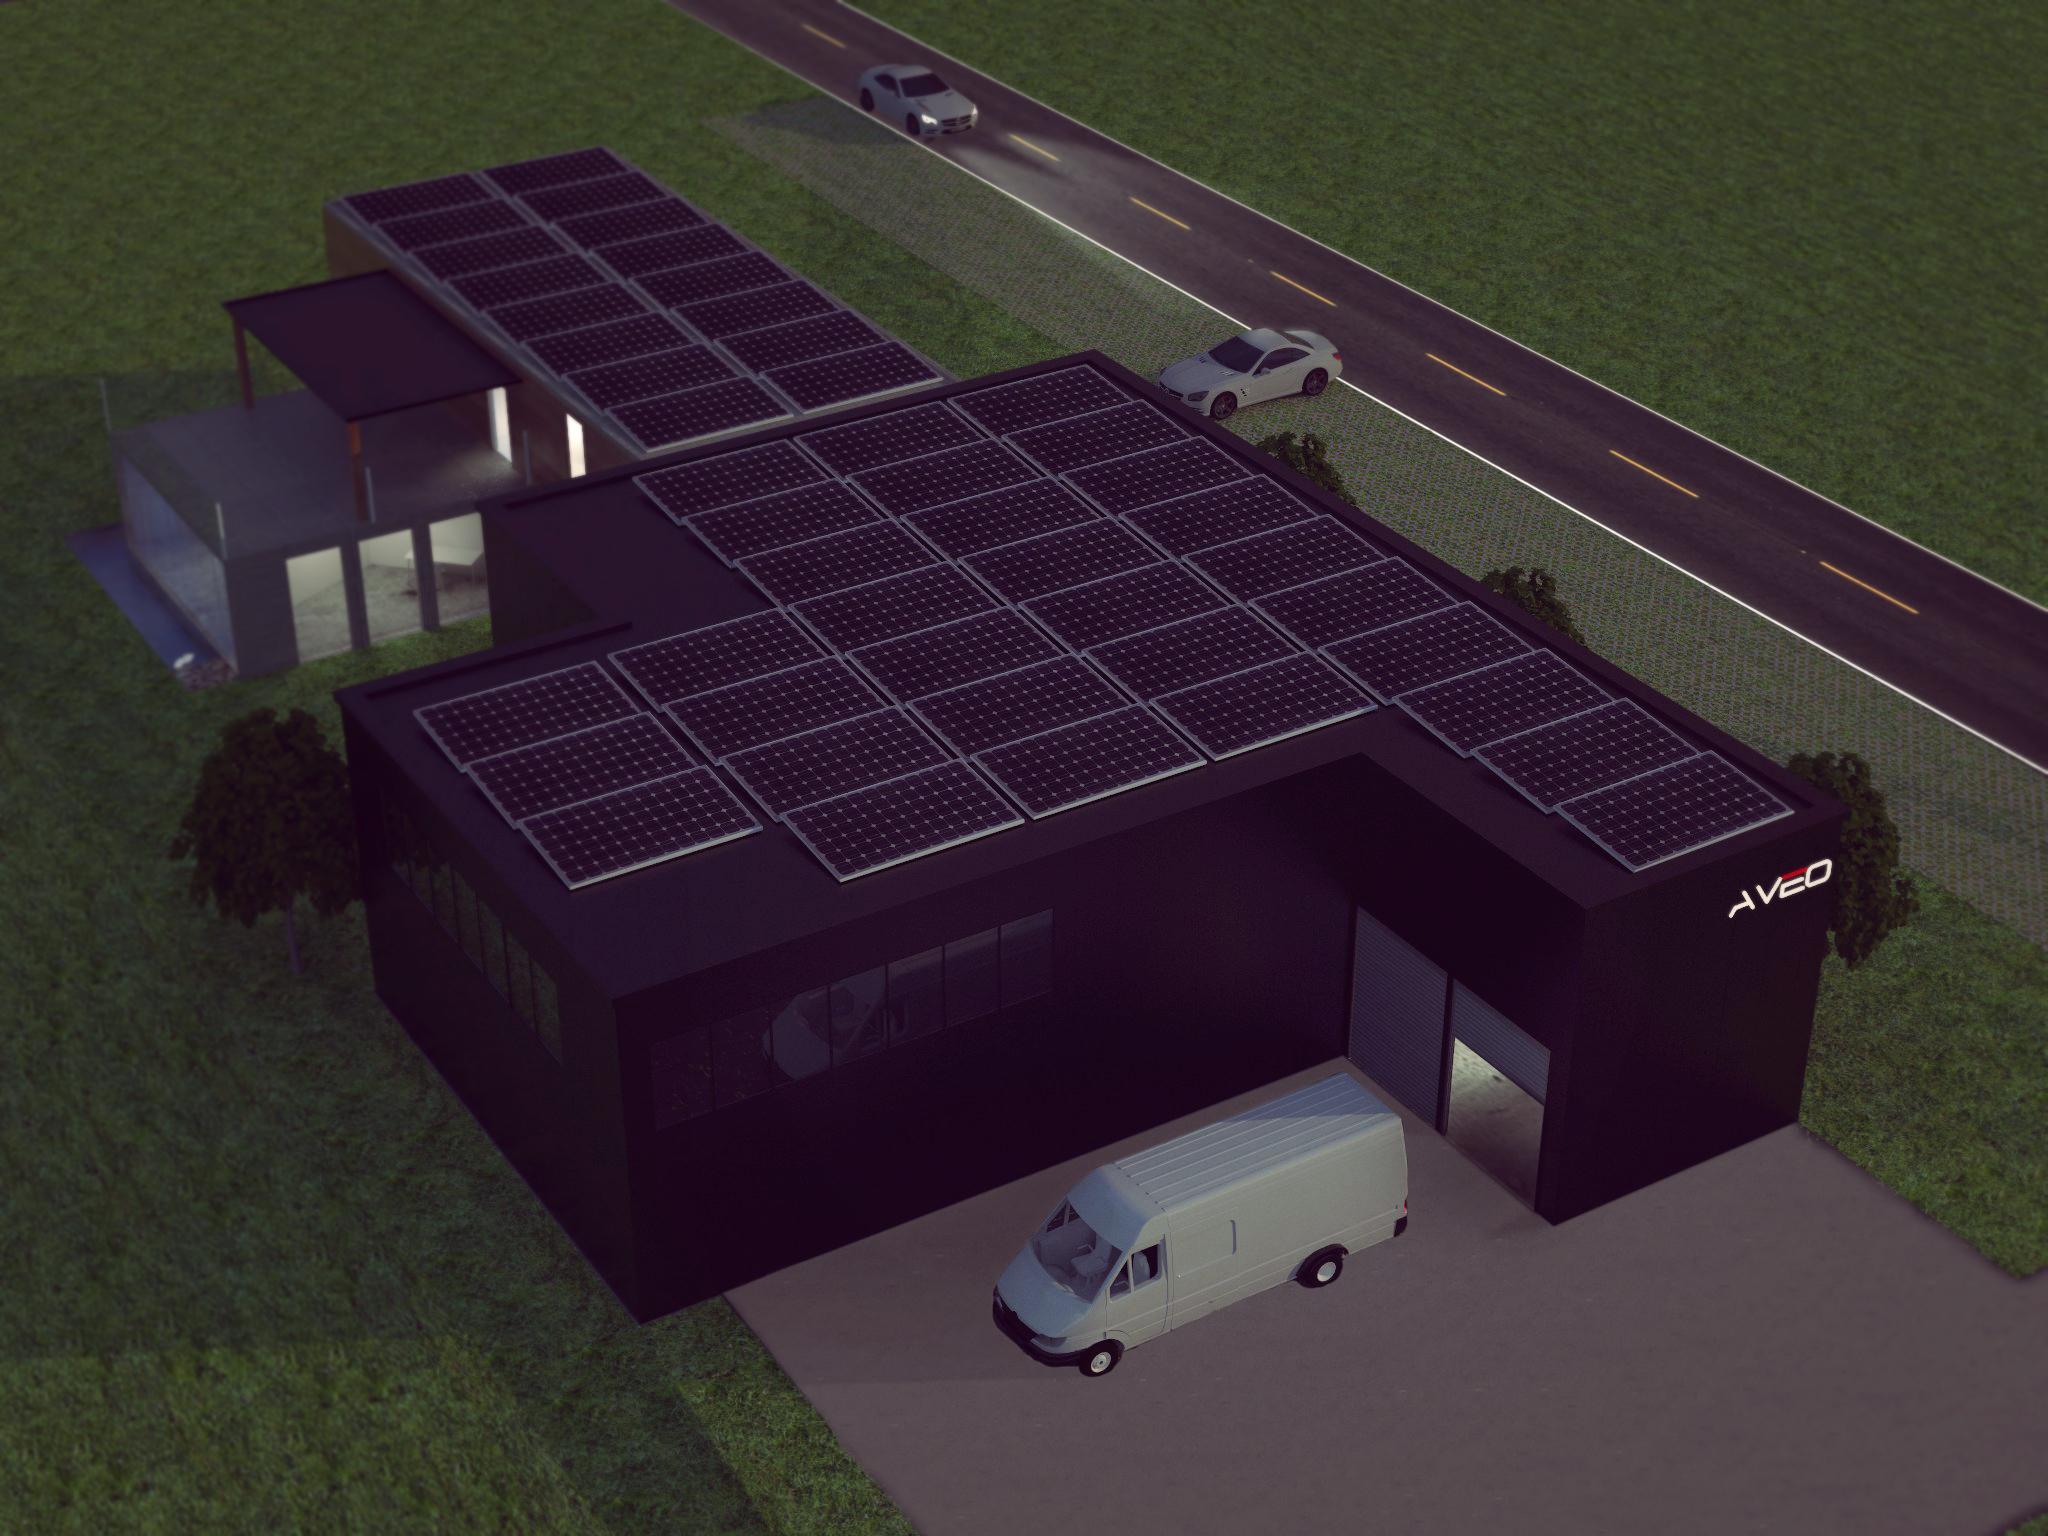 AEF_Facility Concept 3_Fotor1 copy